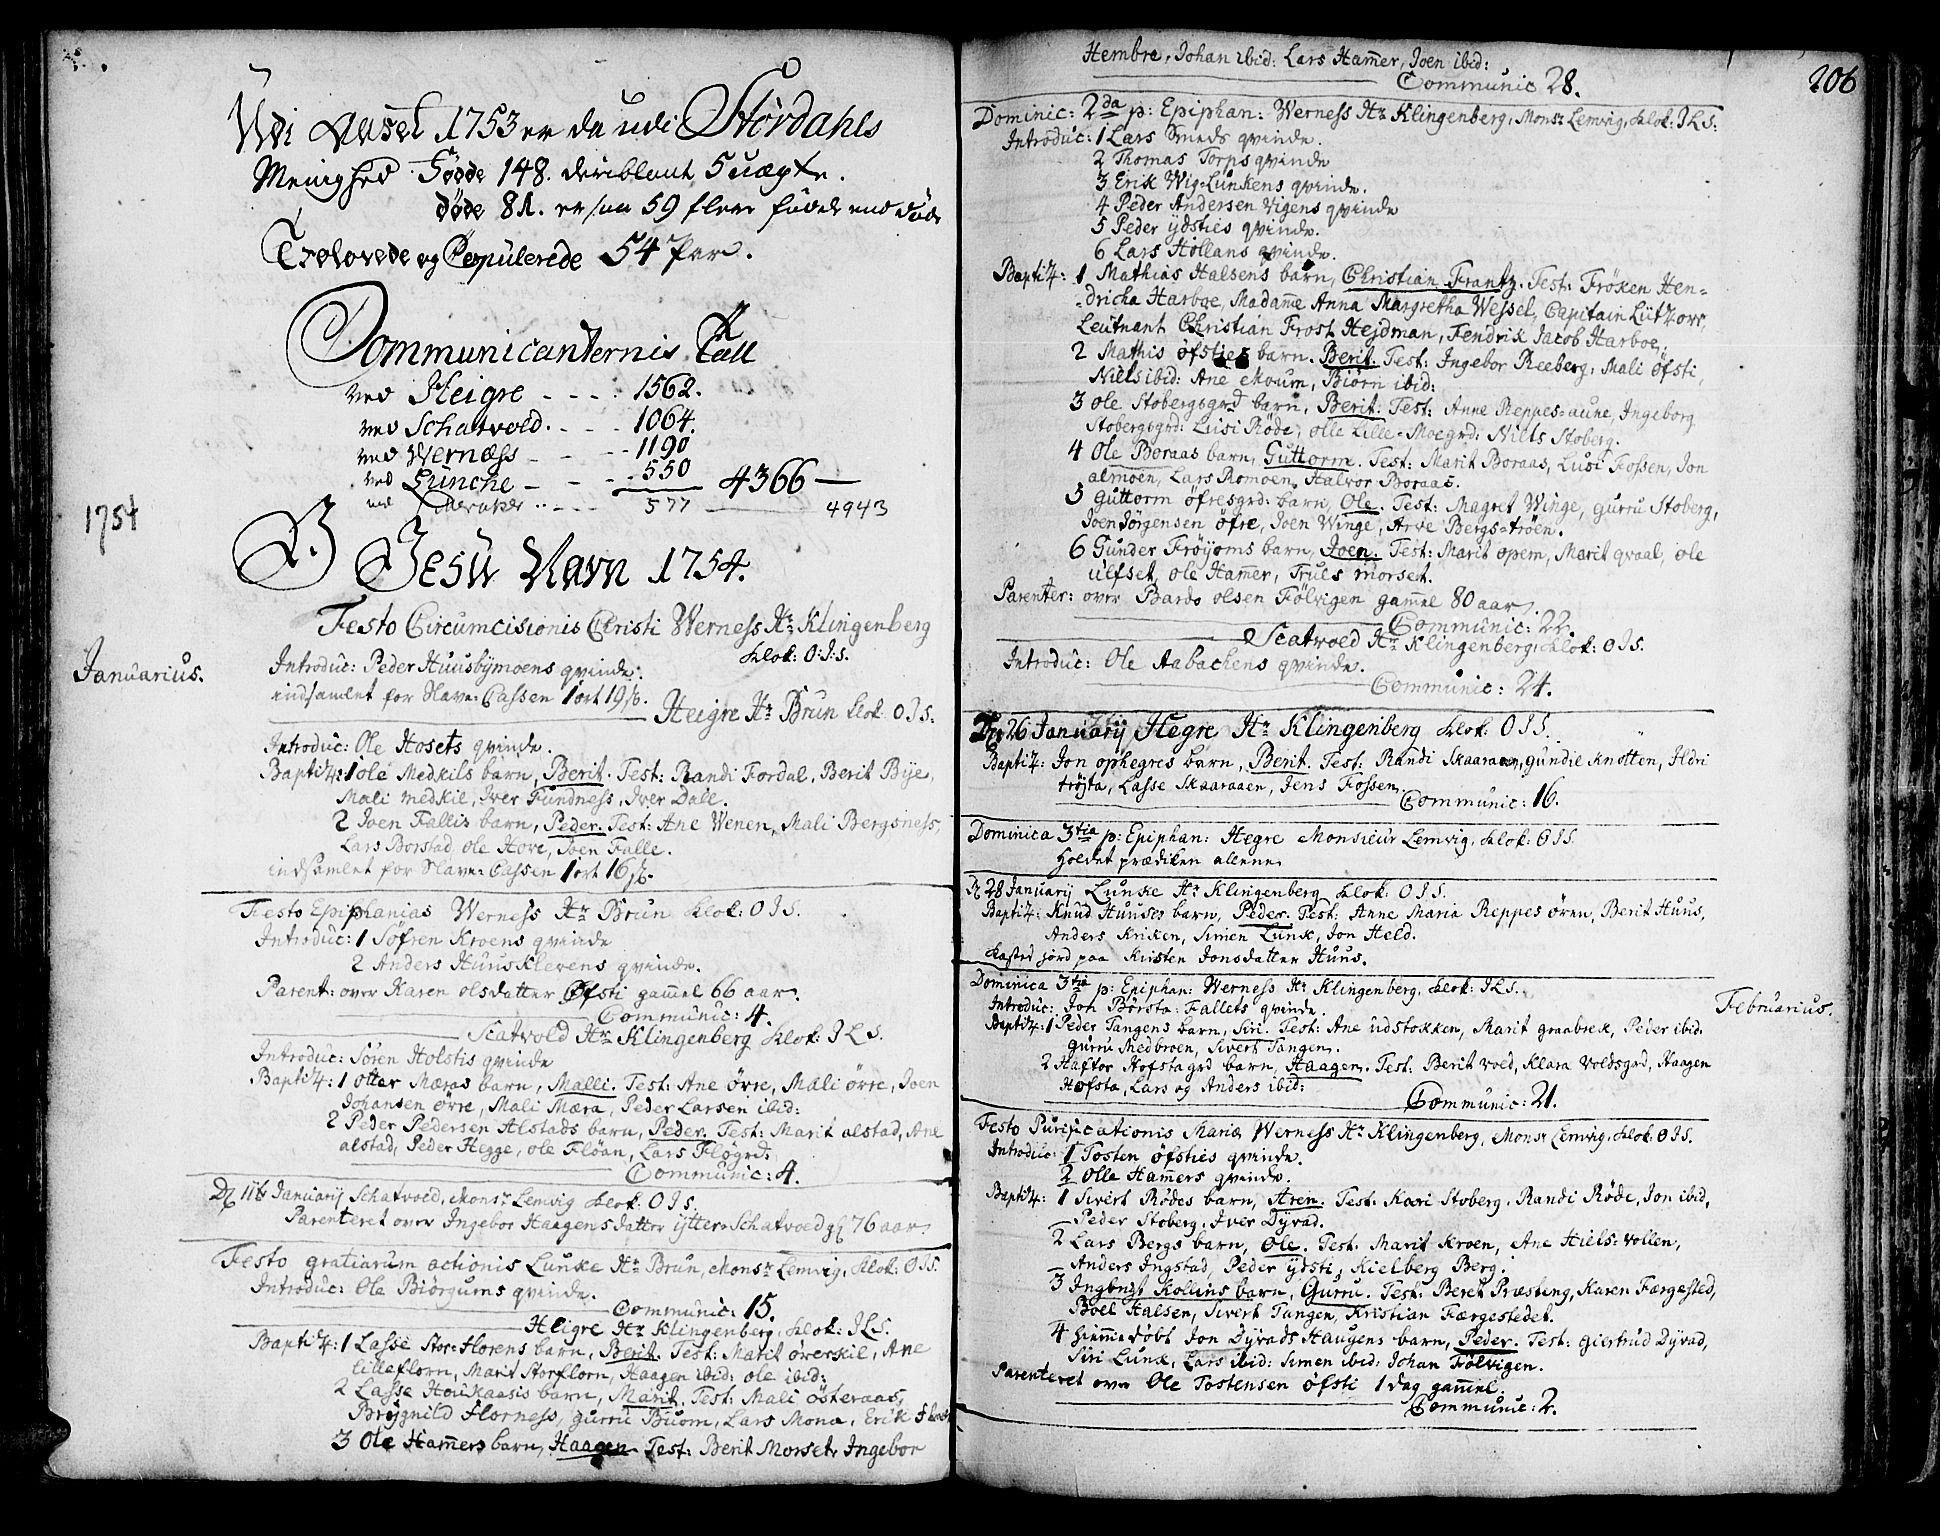 SAT, Ministerialprotokoller, klokkerbøker og fødselsregistre - Nord-Trøndelag, 709/L0056: Ministerialbok nr. 709A04, 1740-1756, s. 206